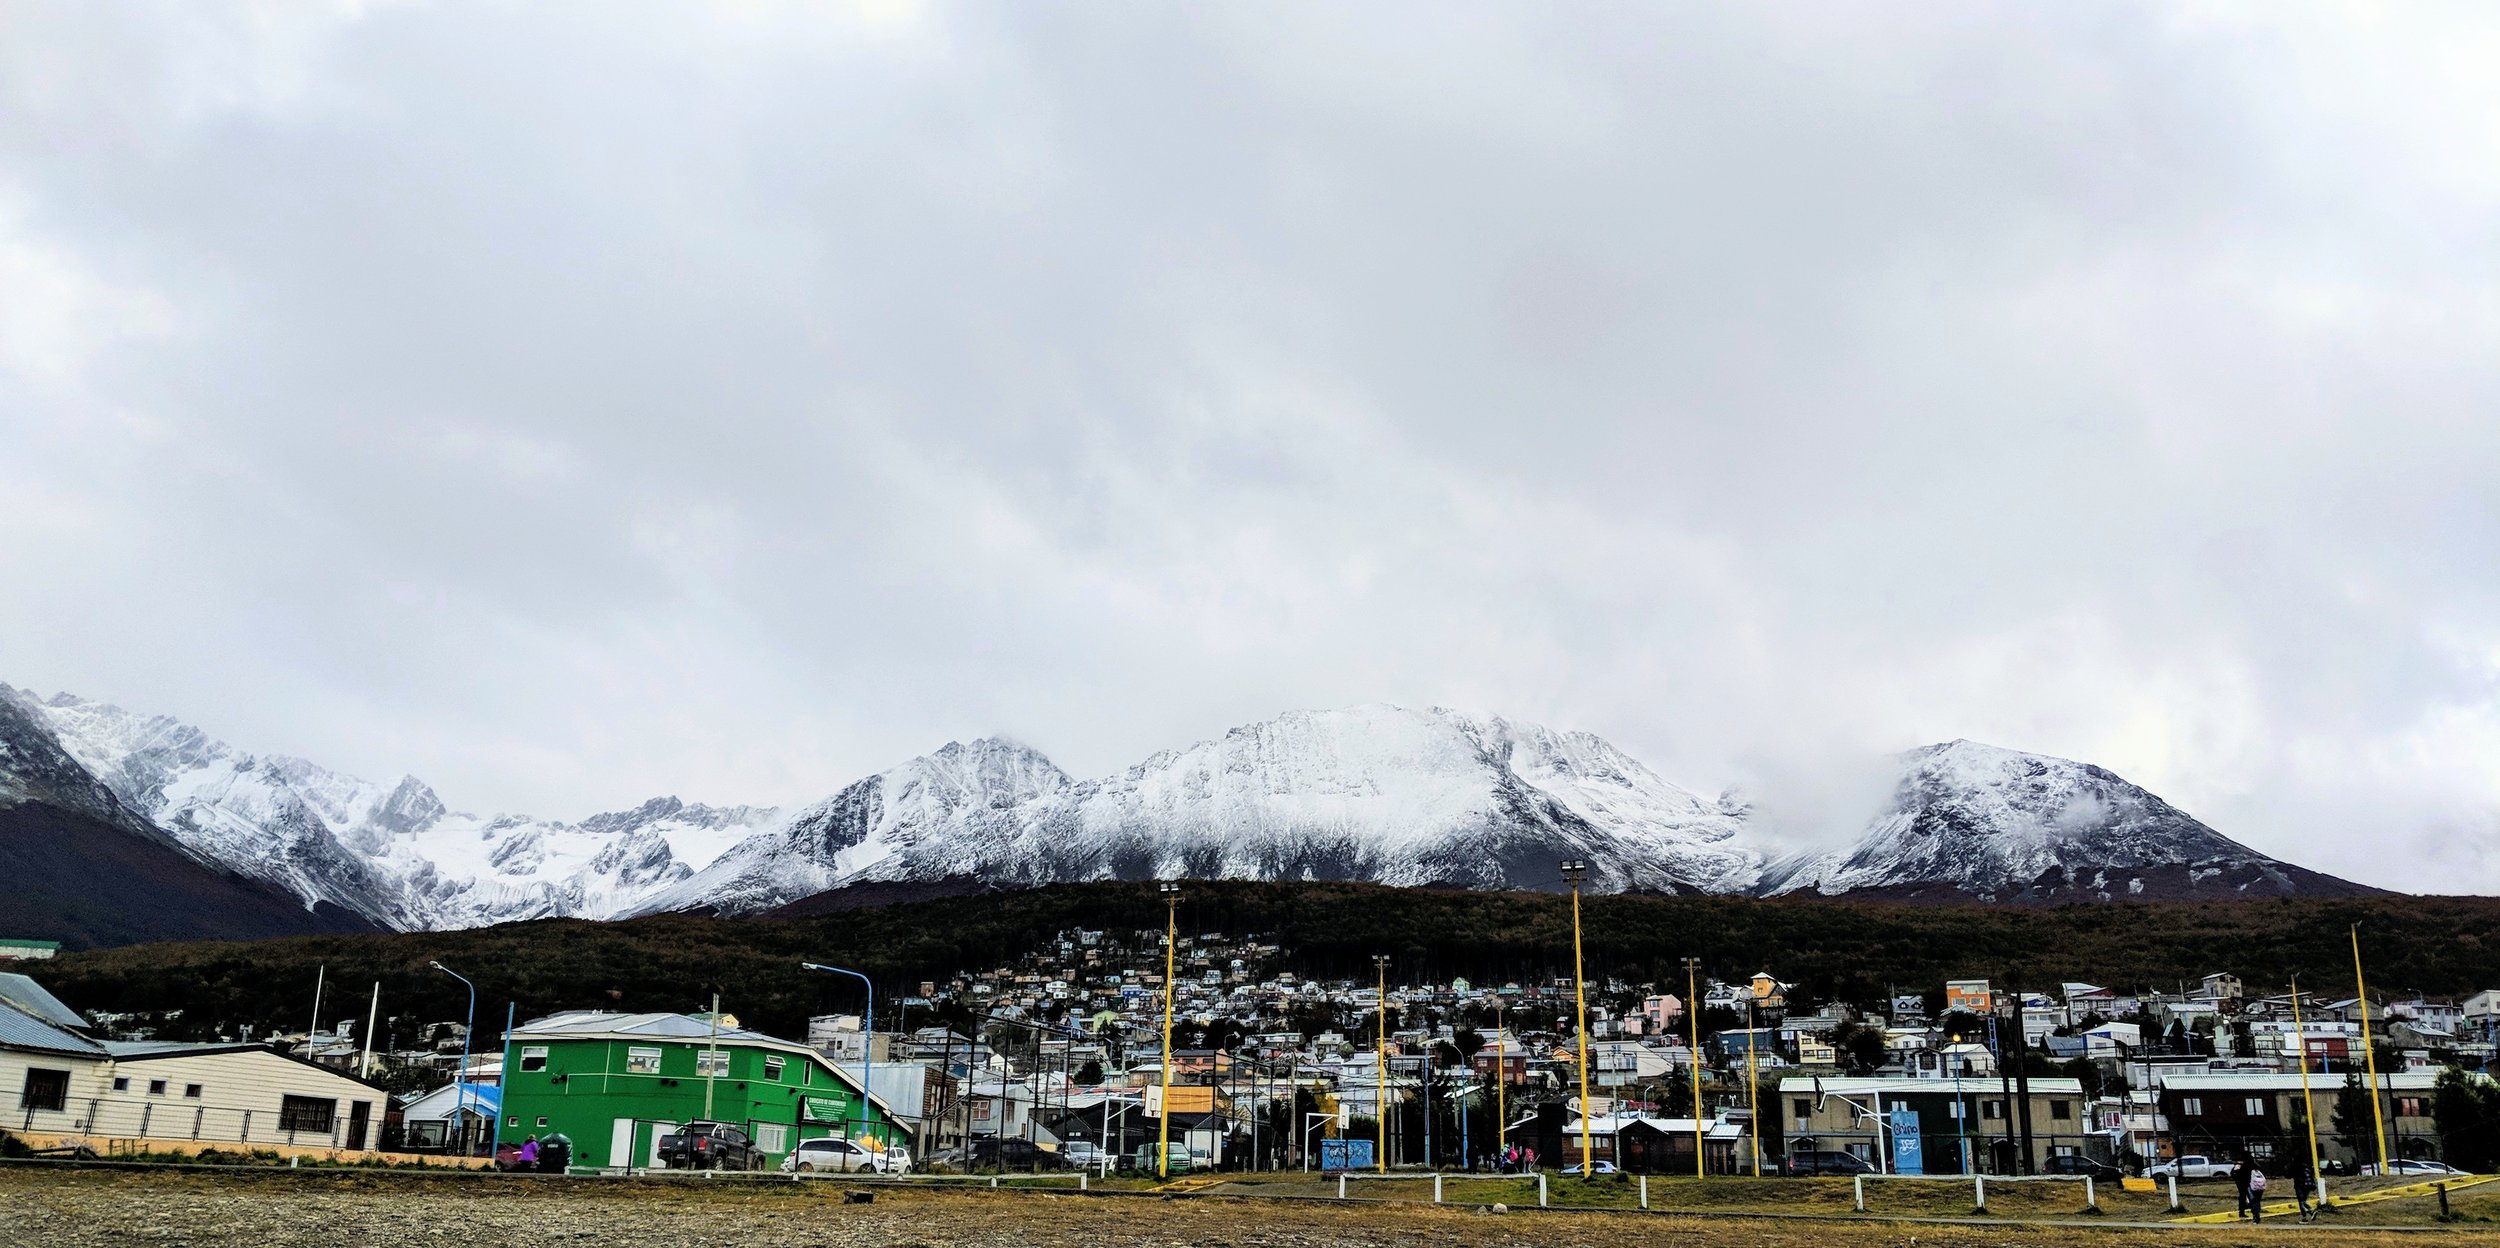 Ushuaia, Argentina, Tierra del Fuego Province of Patagonia